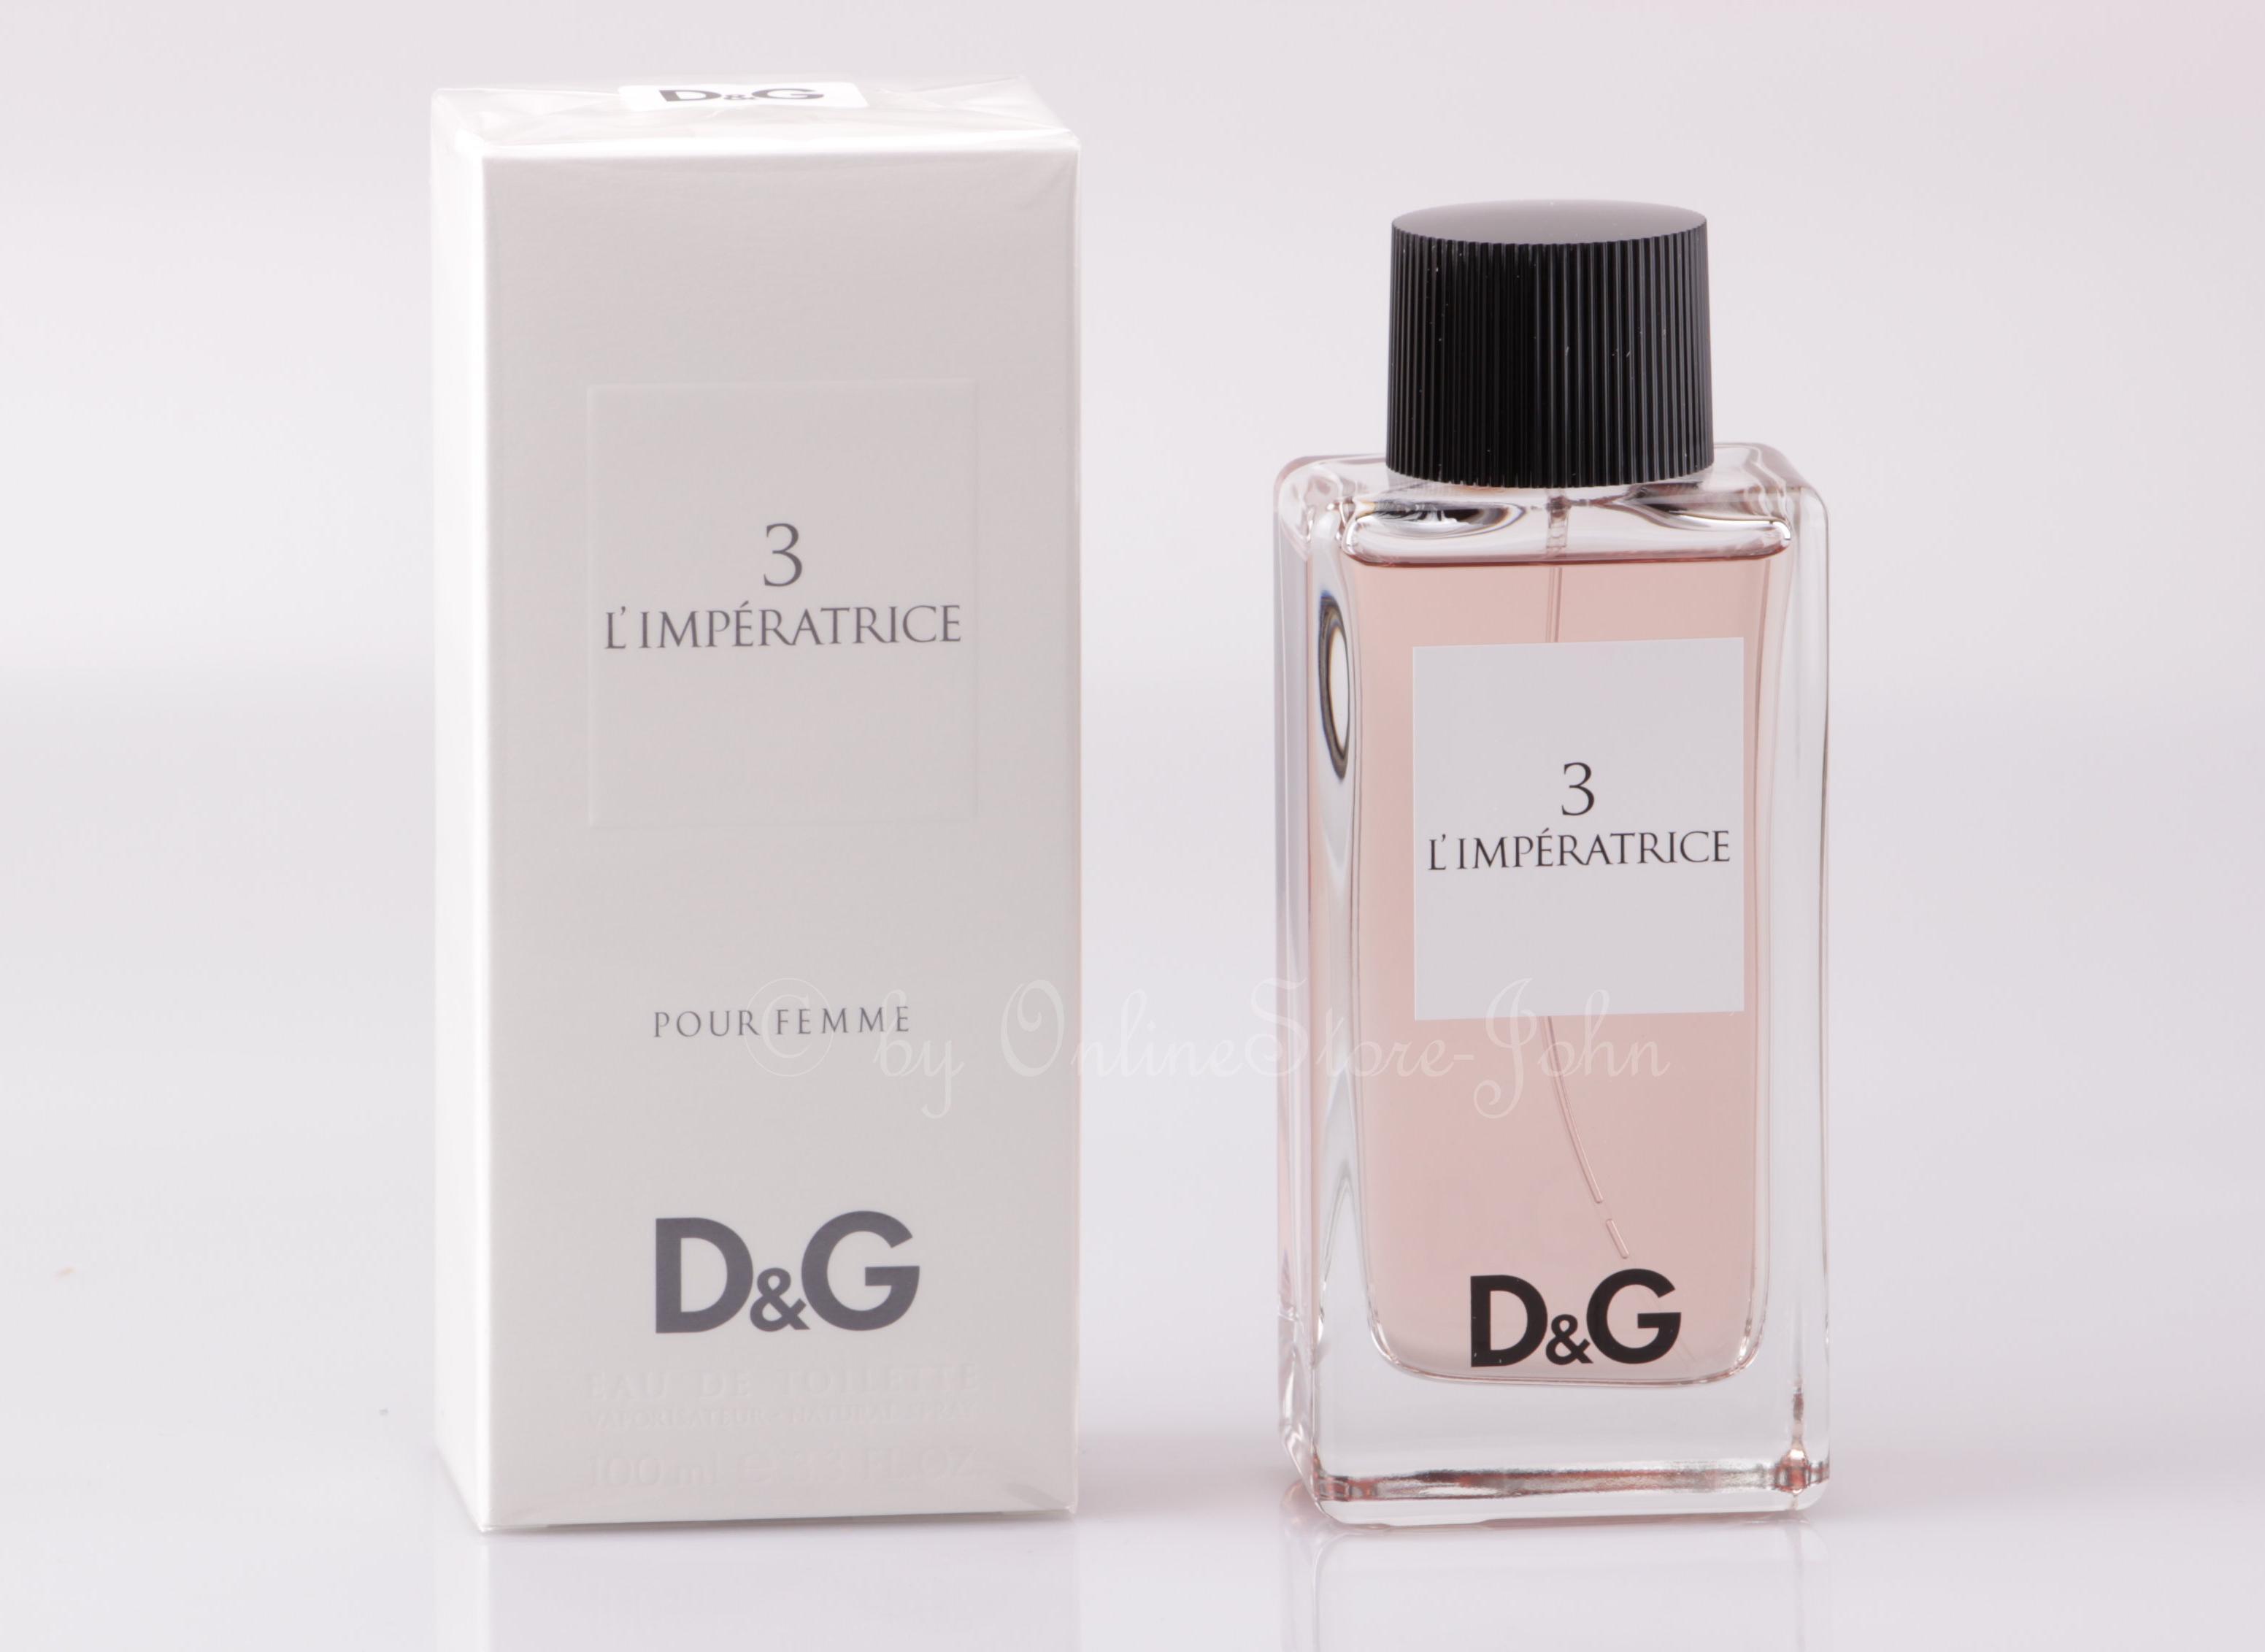 Dolce   Gabbana - 3 L Imperatrice - 100ml EDT Eau de Toilette D G 7445bf993c8c